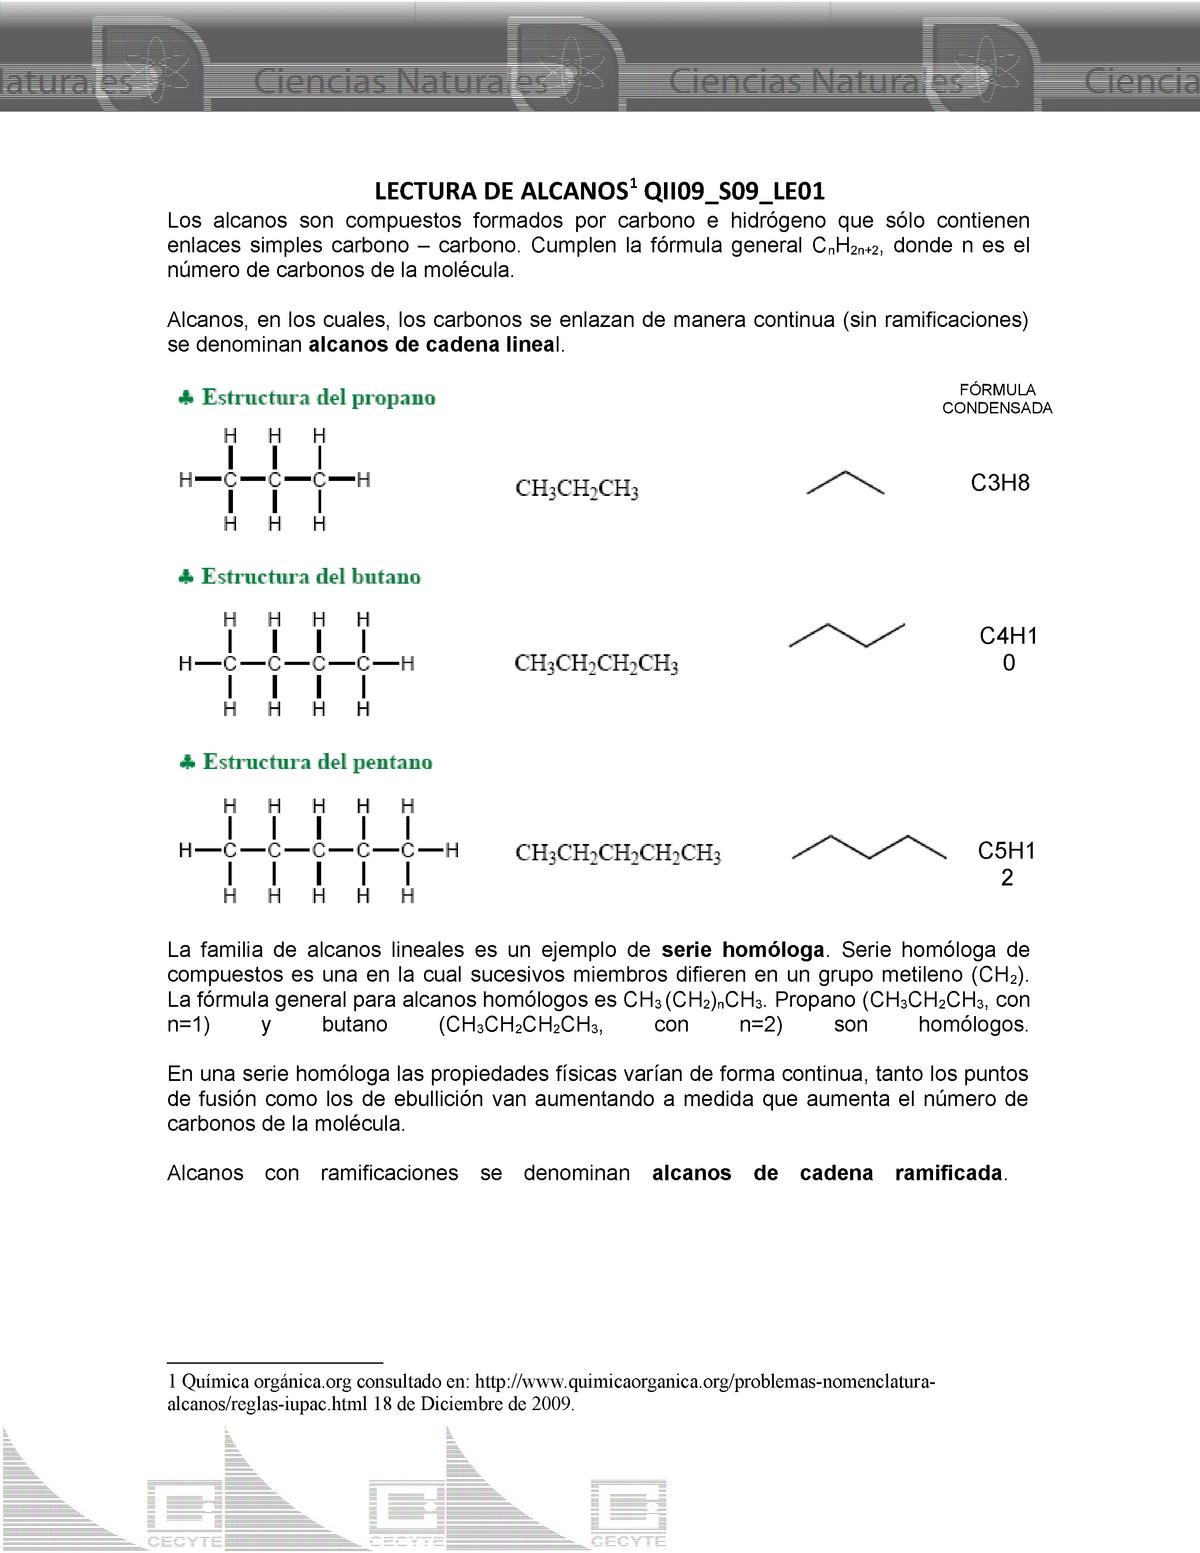 Qii09 S09 Le01 Alcanos Apuntes 1 Matemáticas I 800492